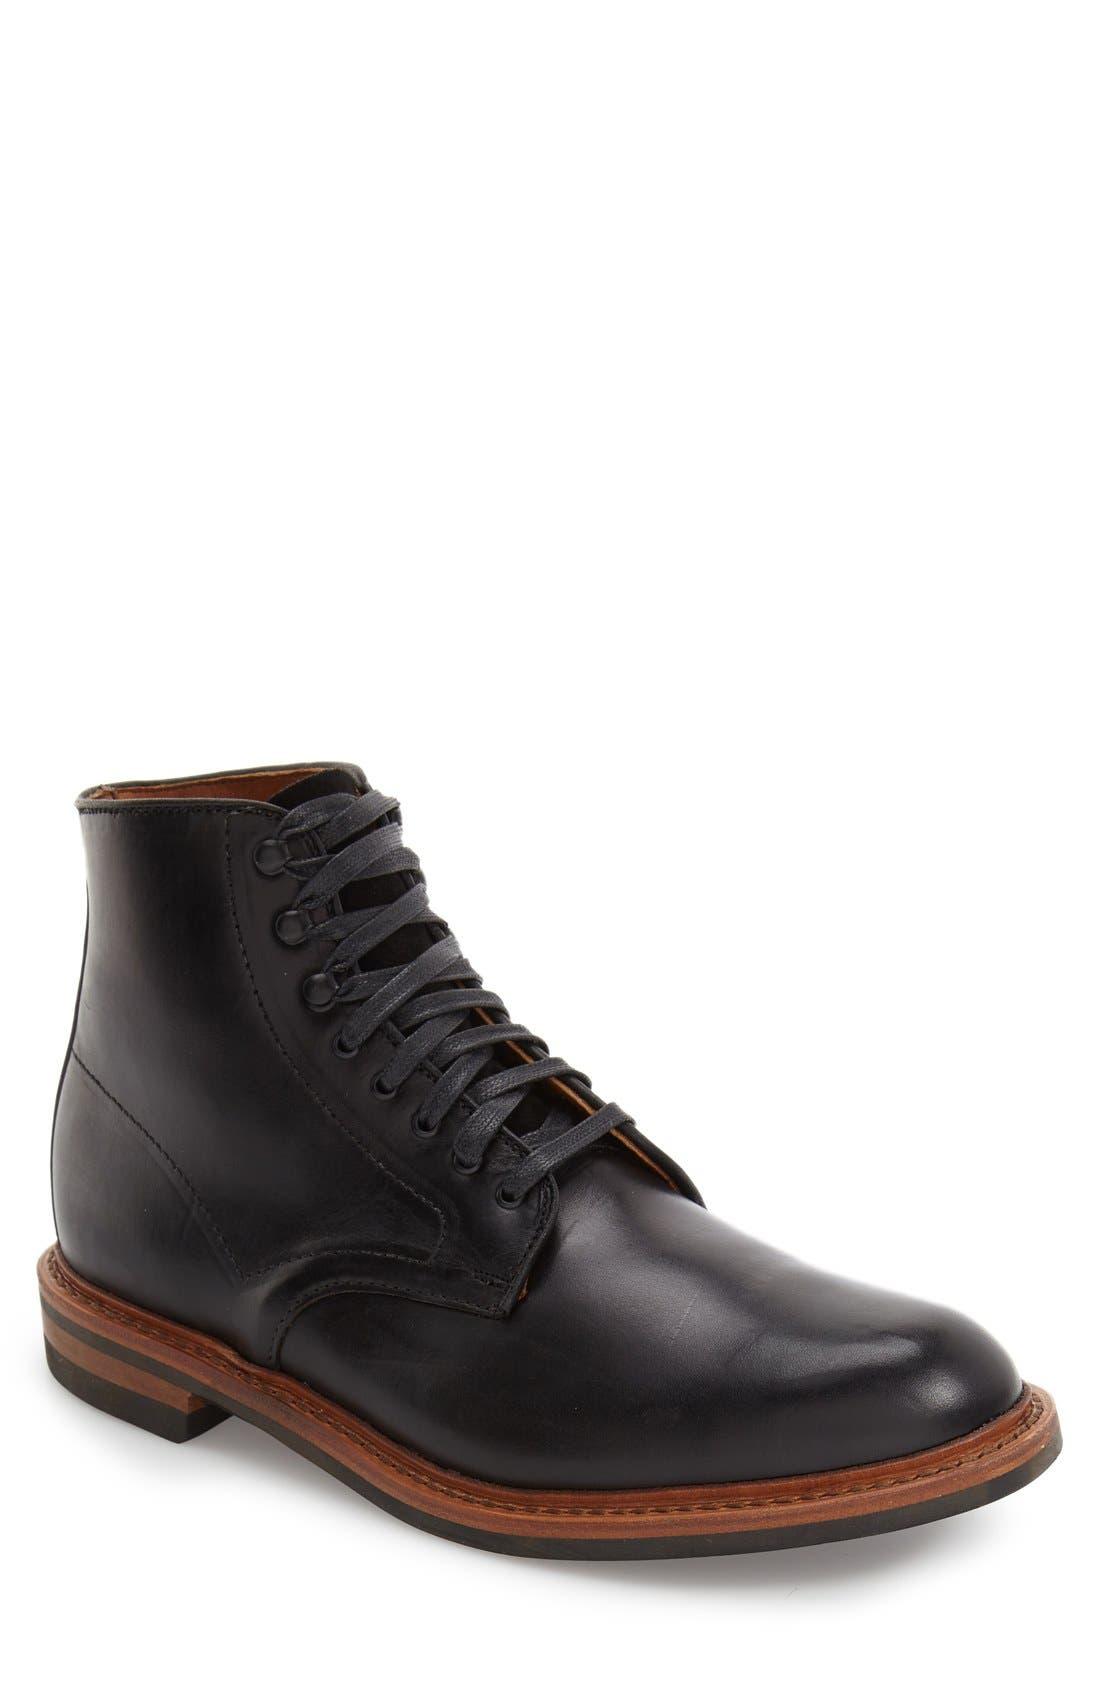 ALLEN EDMONDS 'Higgins Mill' Plain Toe Boot, Main, color, 001